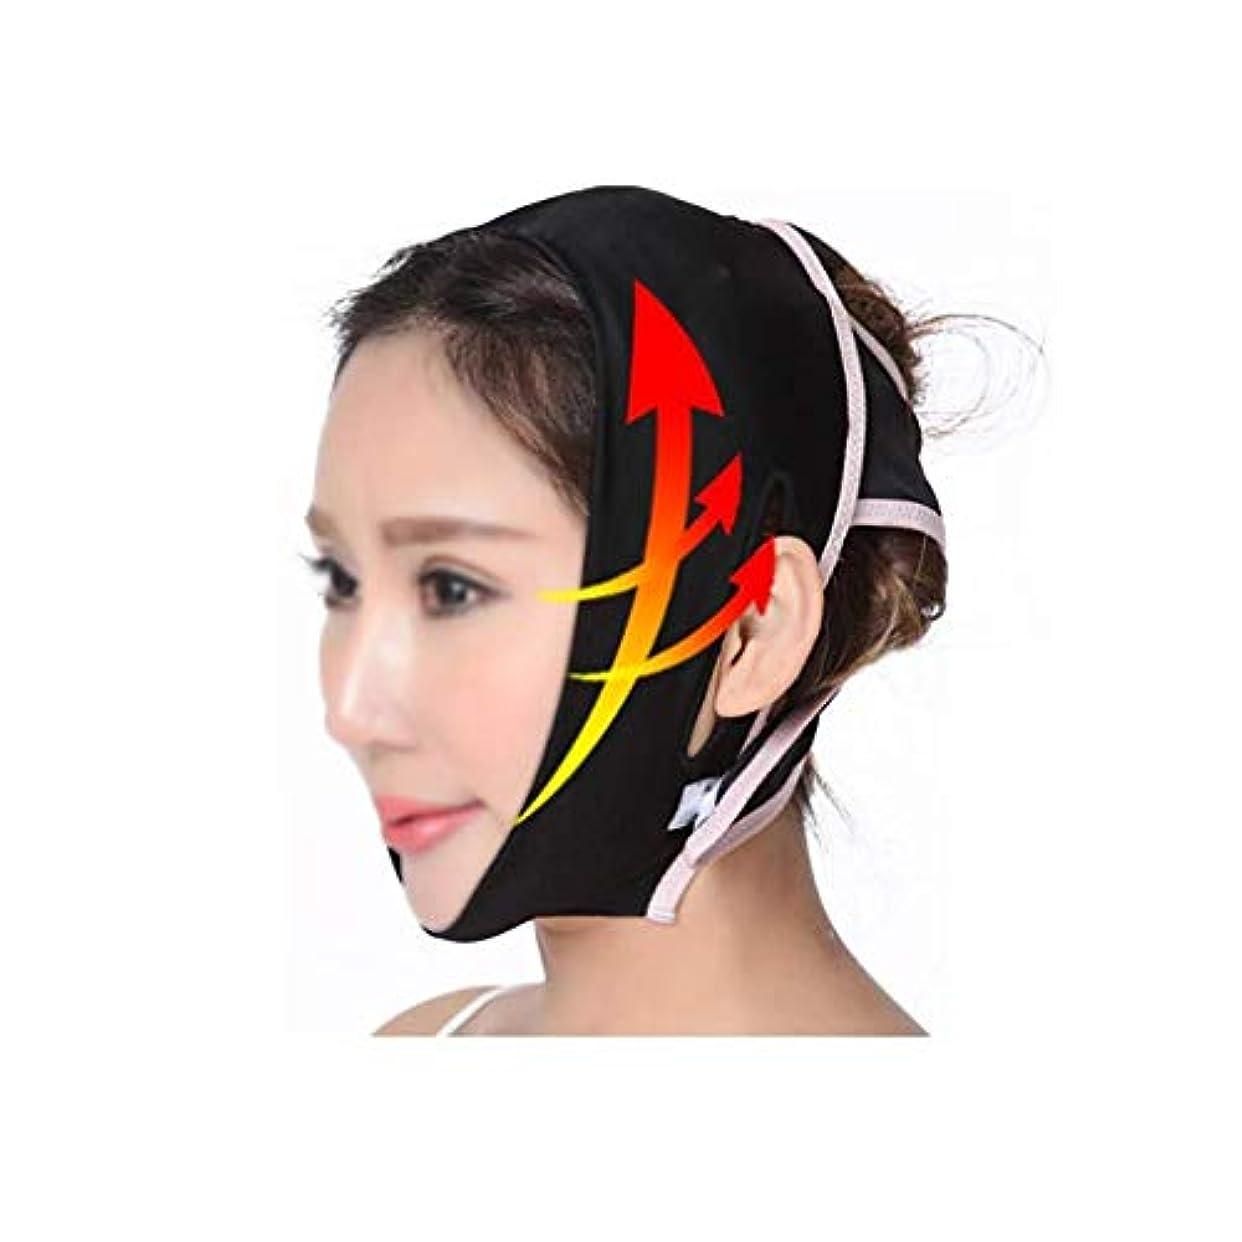 調子傾斜手配するフェイスリフトマスク、フェイシャルマスク睡眠顔整形顔包帯顔リフティングV顔顔アーティファクト回復通気性ネックストラップ(サイズ:M)